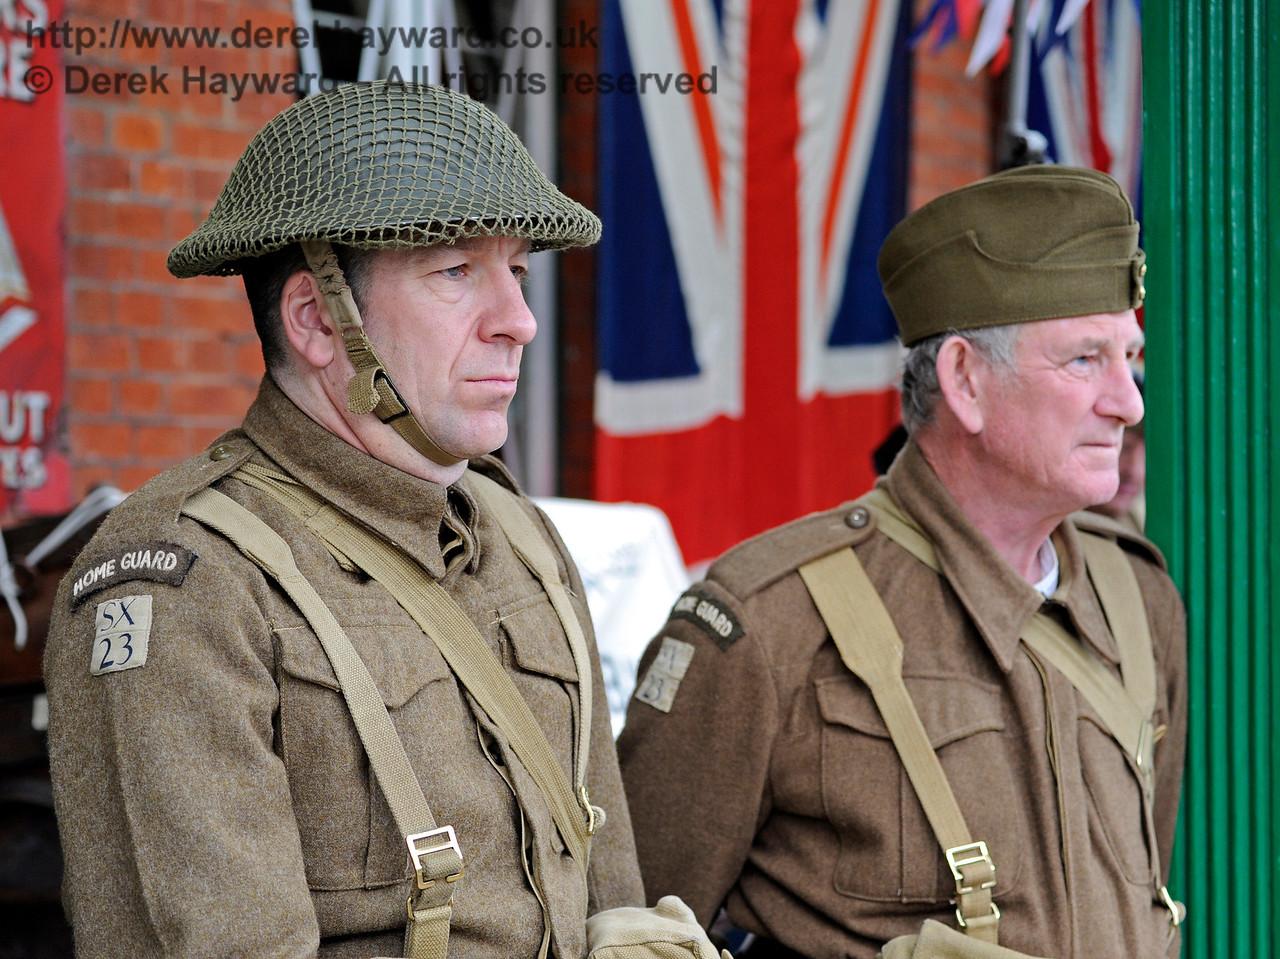 Southern at War, Horsted Keynes,  10.05.2015  11108